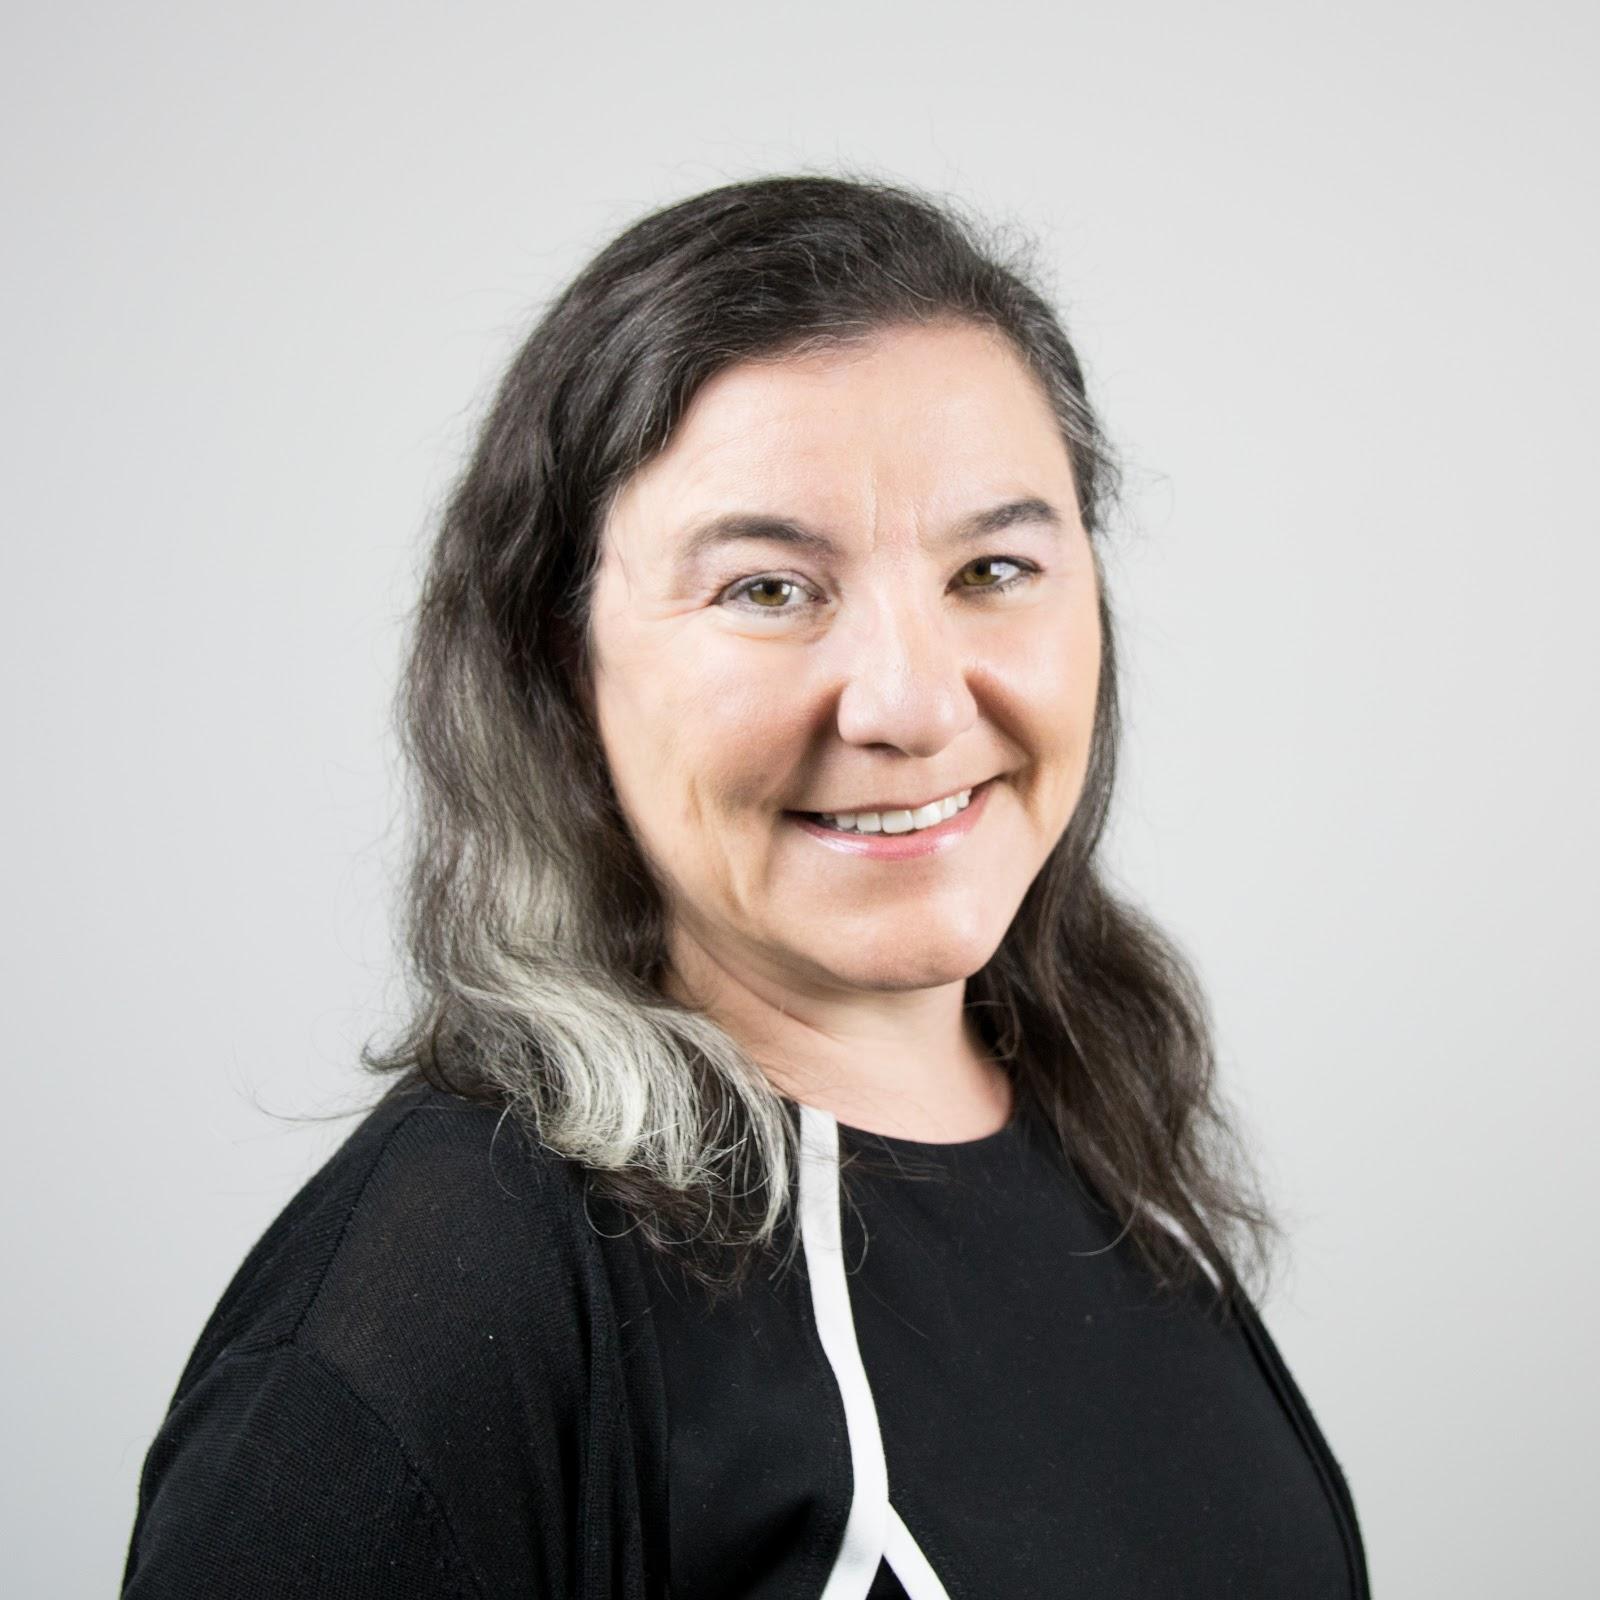 Anne Liebeskind